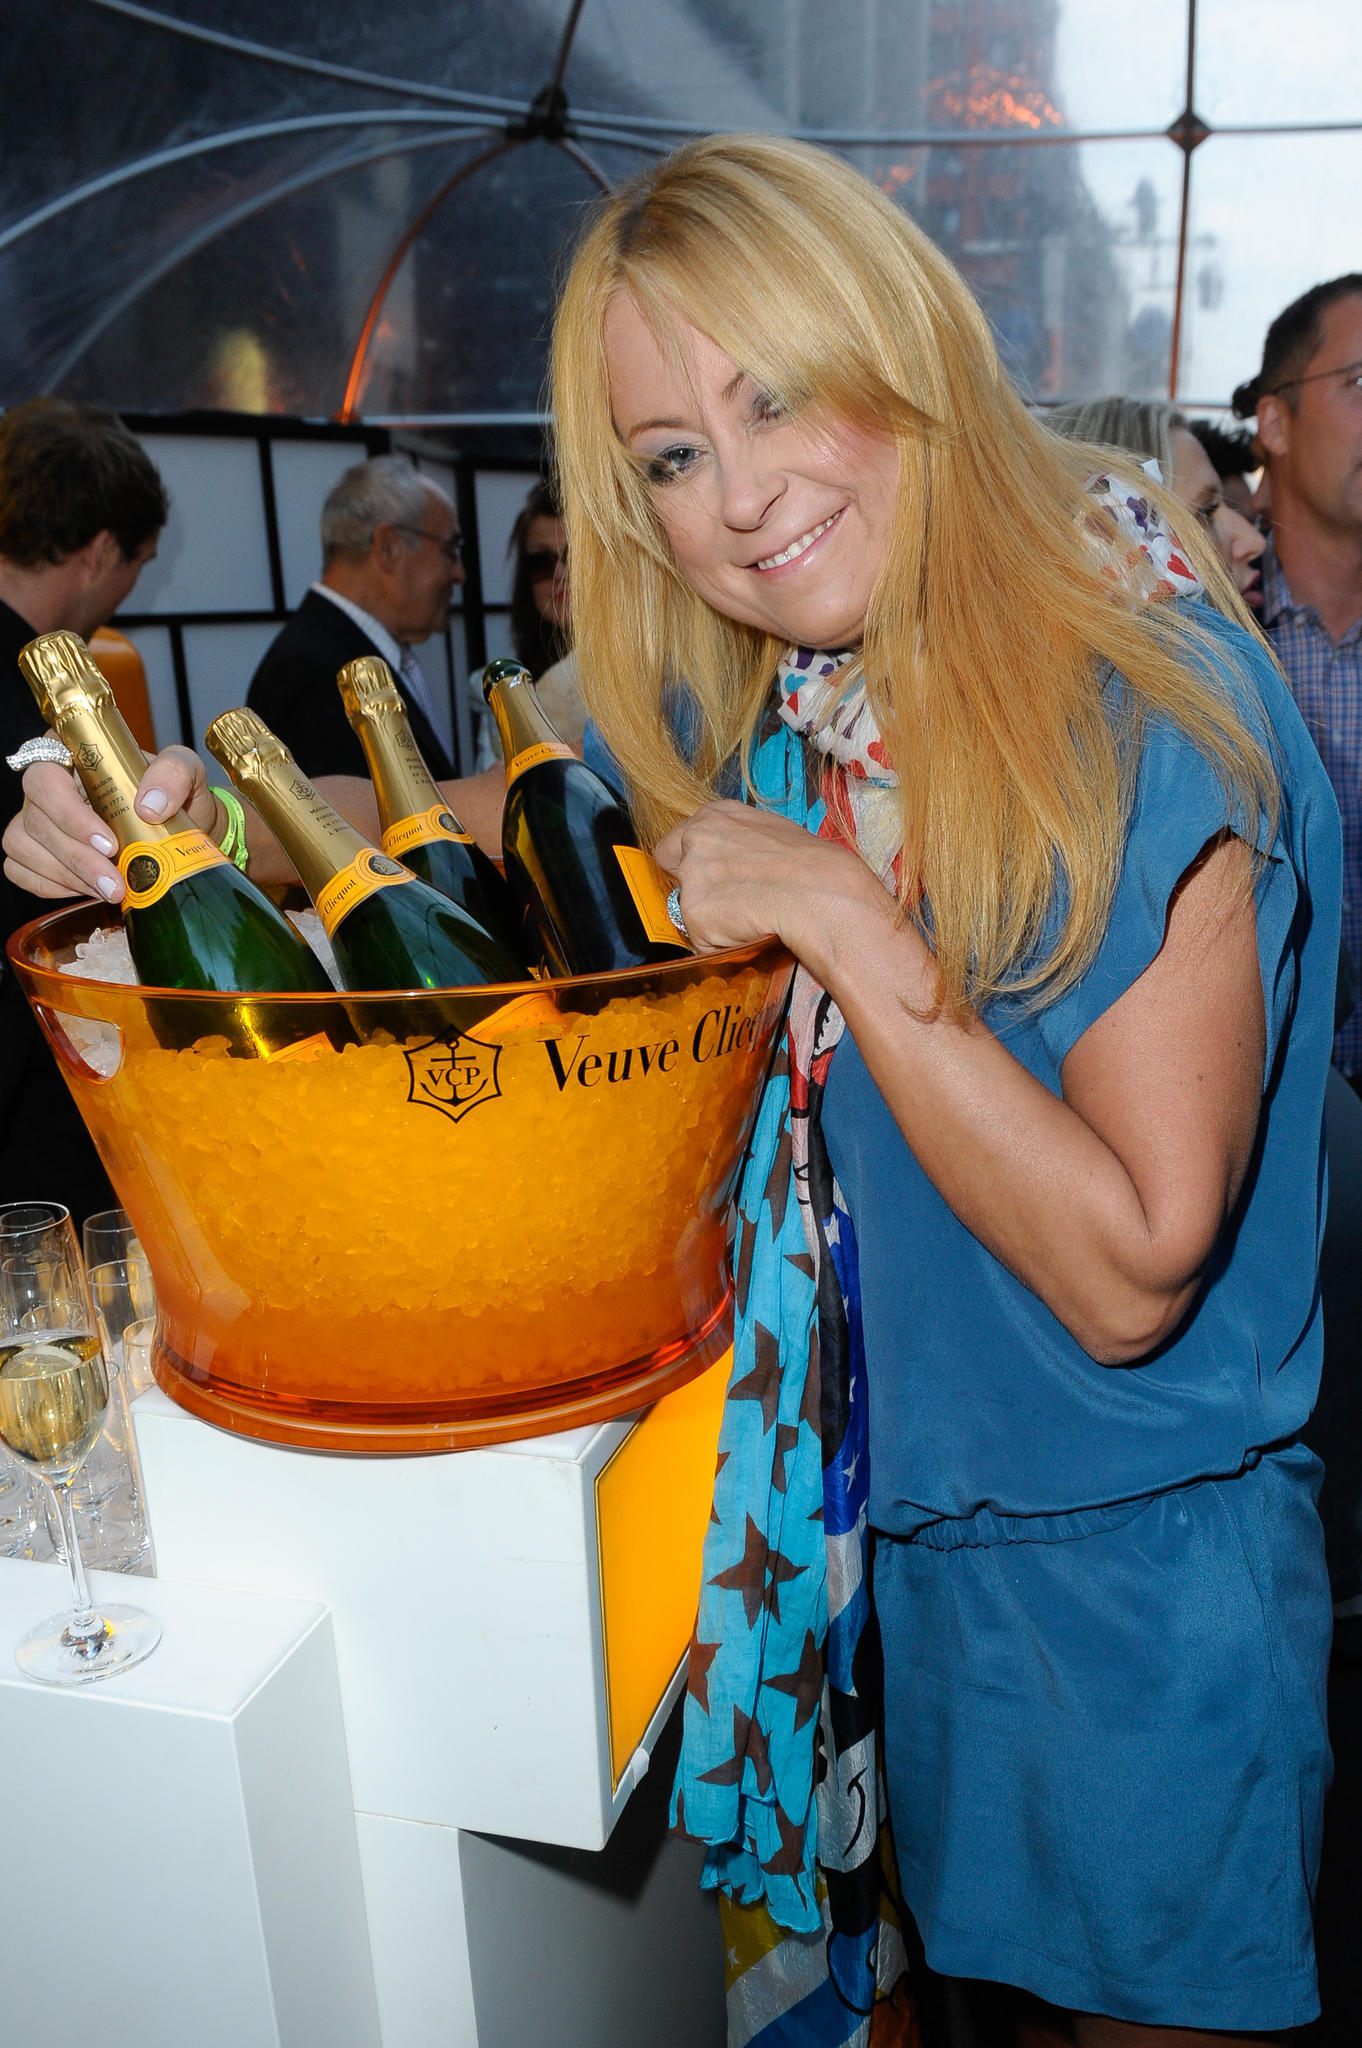 2012 posiert Jenny Elvers vor dem Bekanntwerden ihrer Alkoholsucht mit Champagner-Flaschen